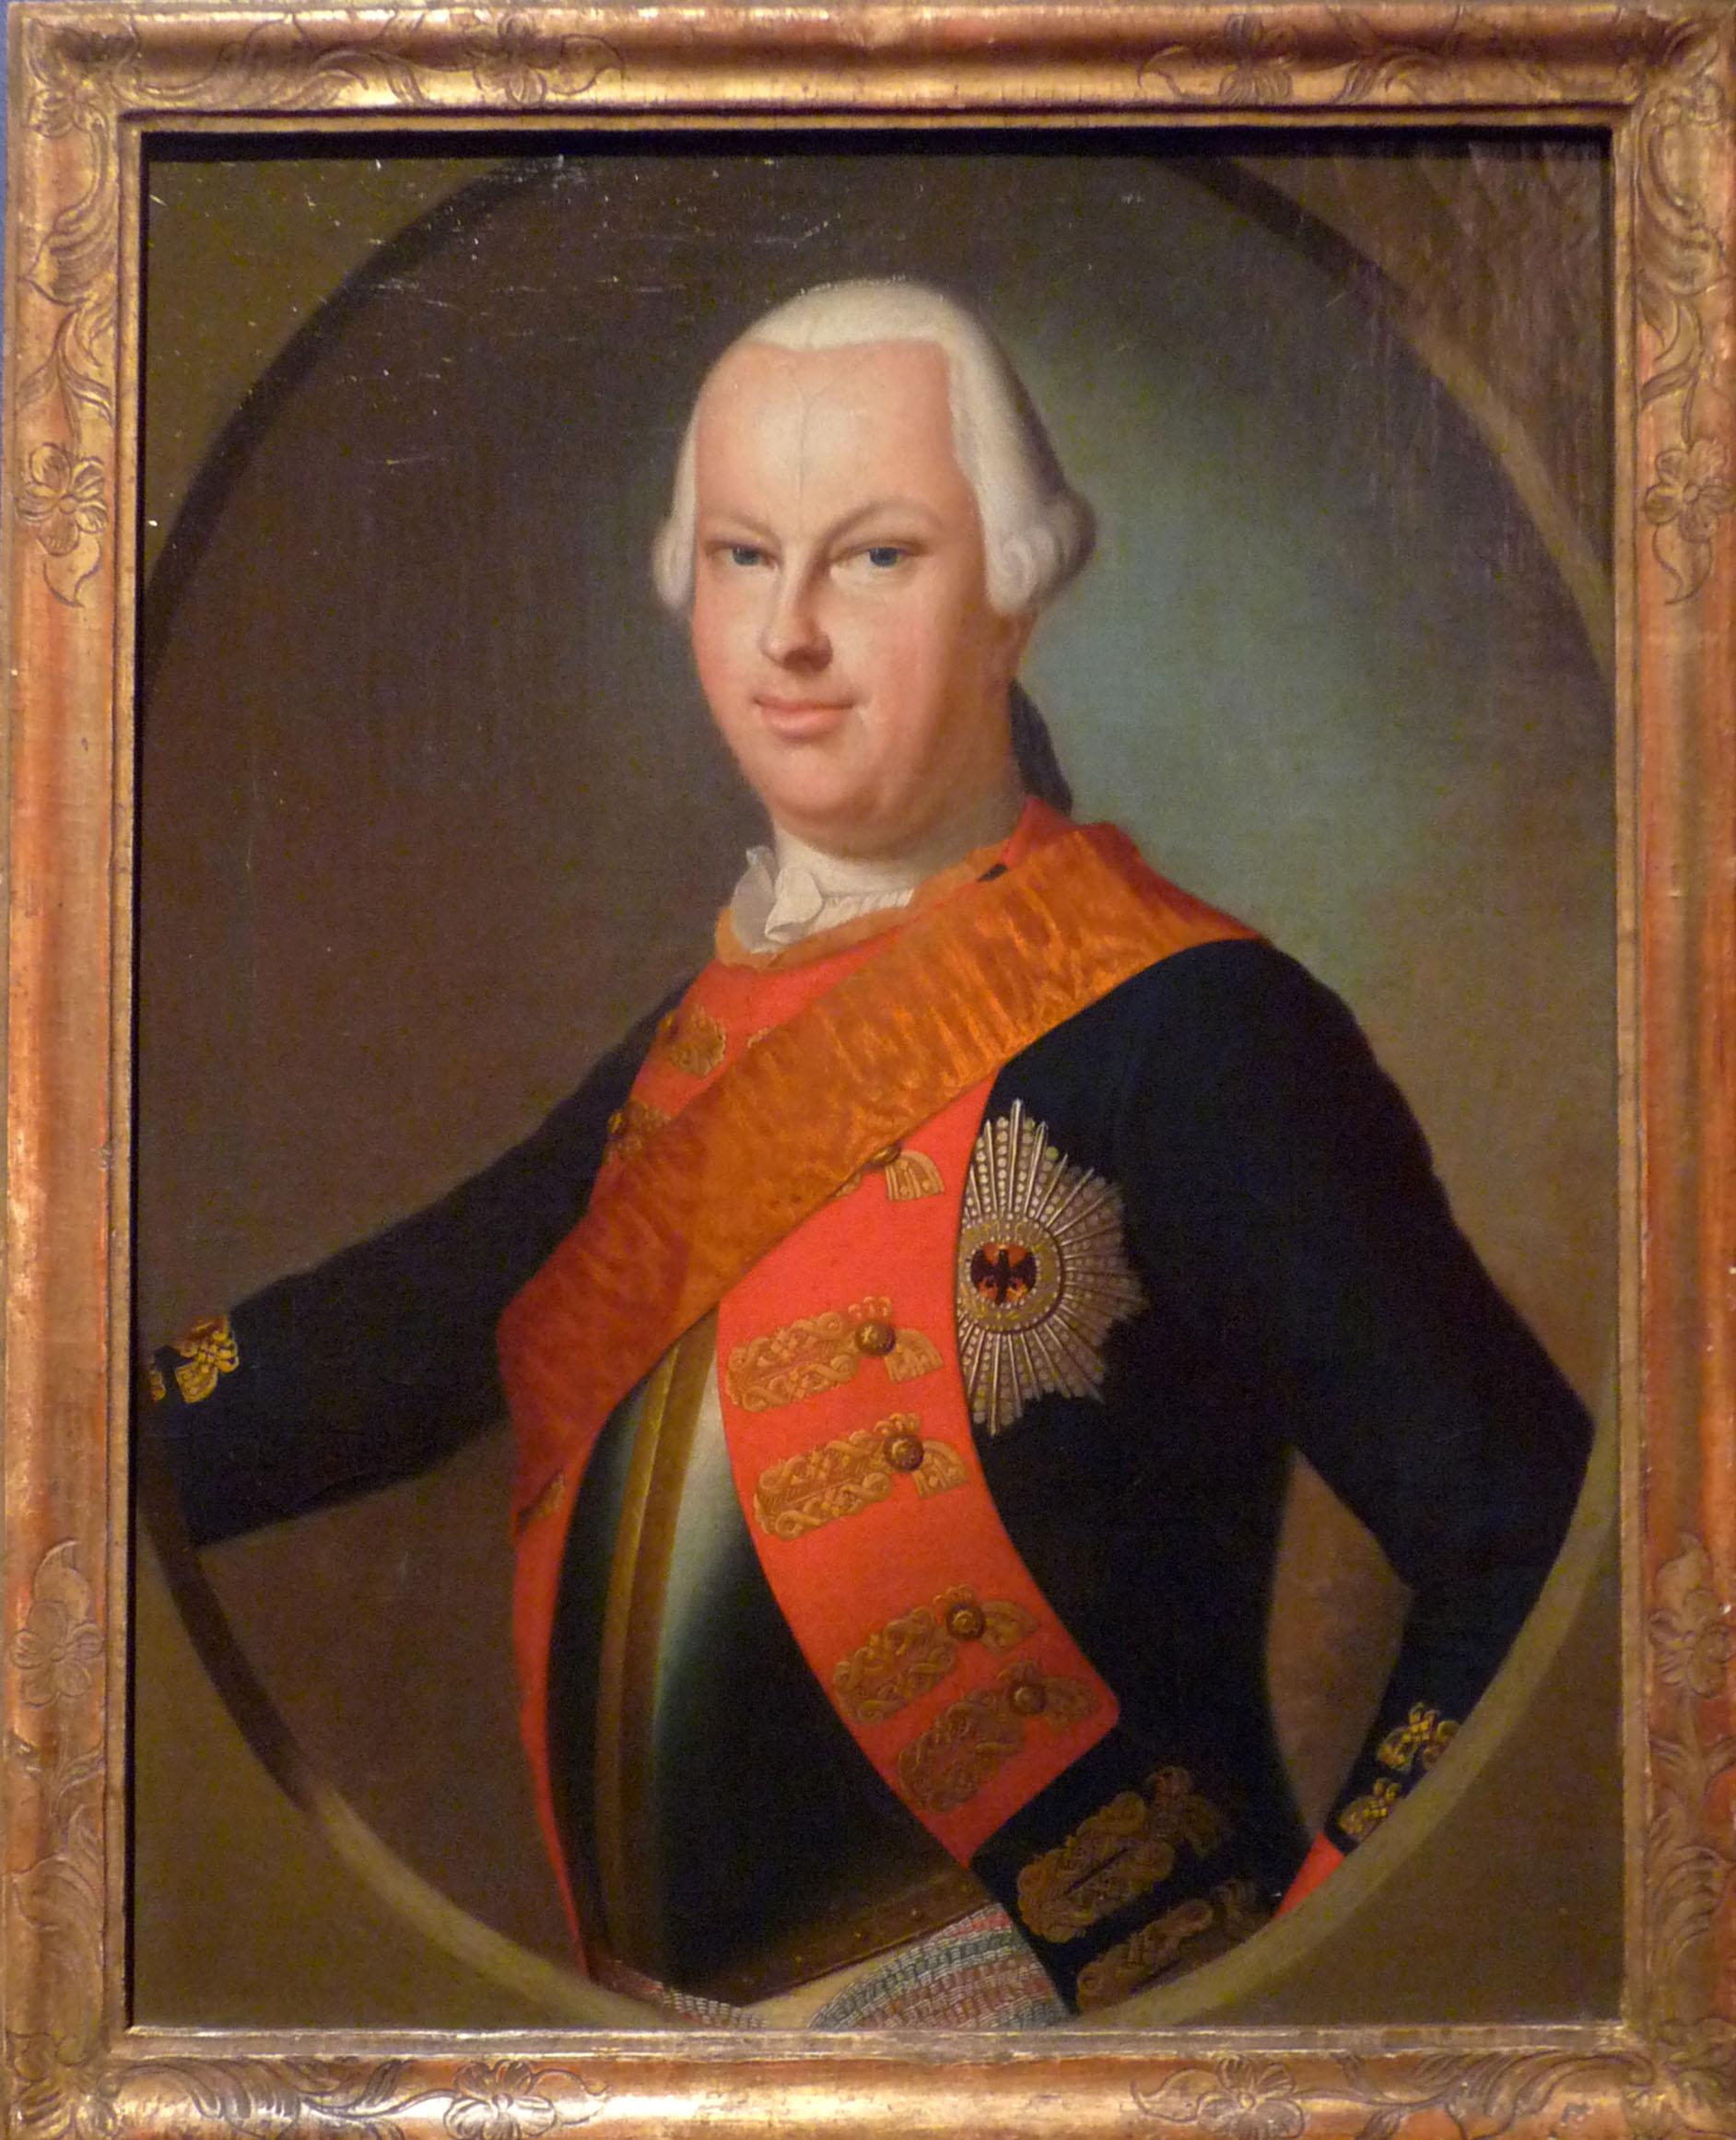 Ludwig IX